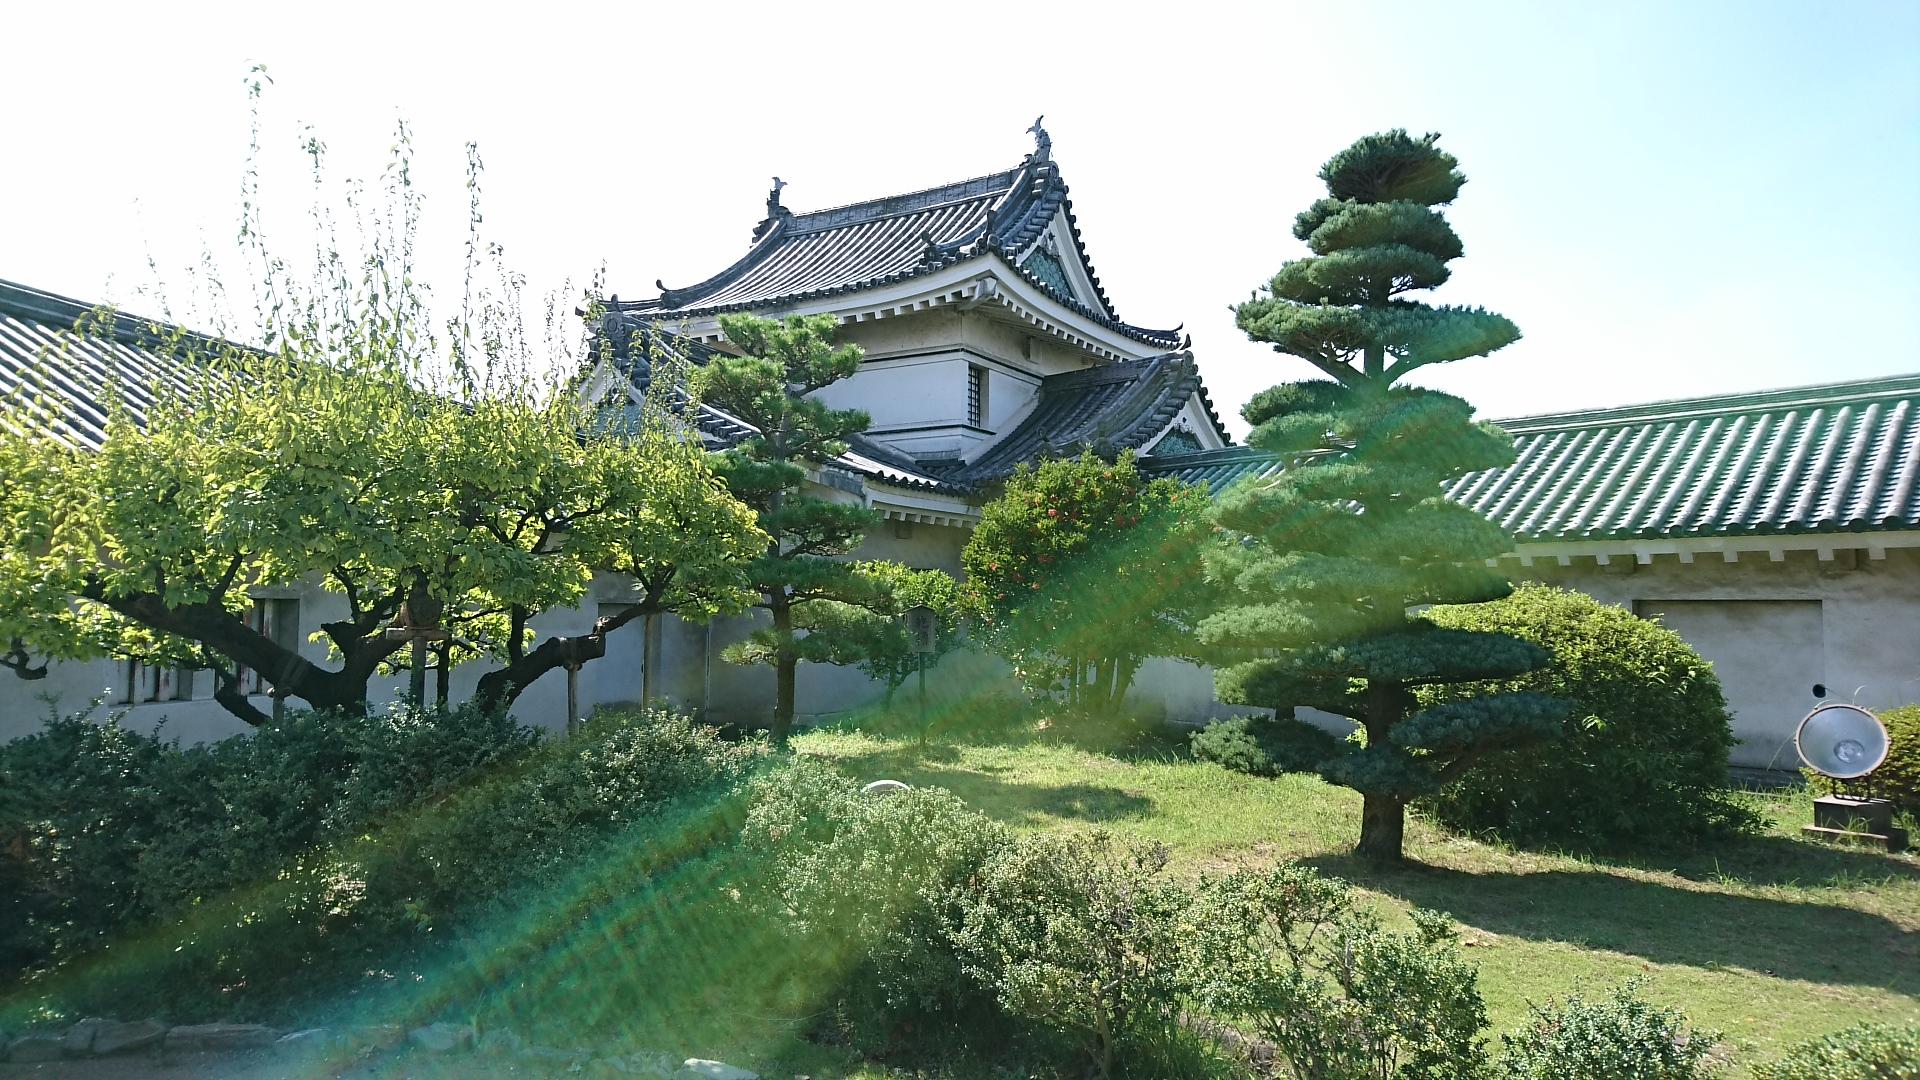 2017.8.17 わかやま (6) 和歌山城=やぐら 1920-1080